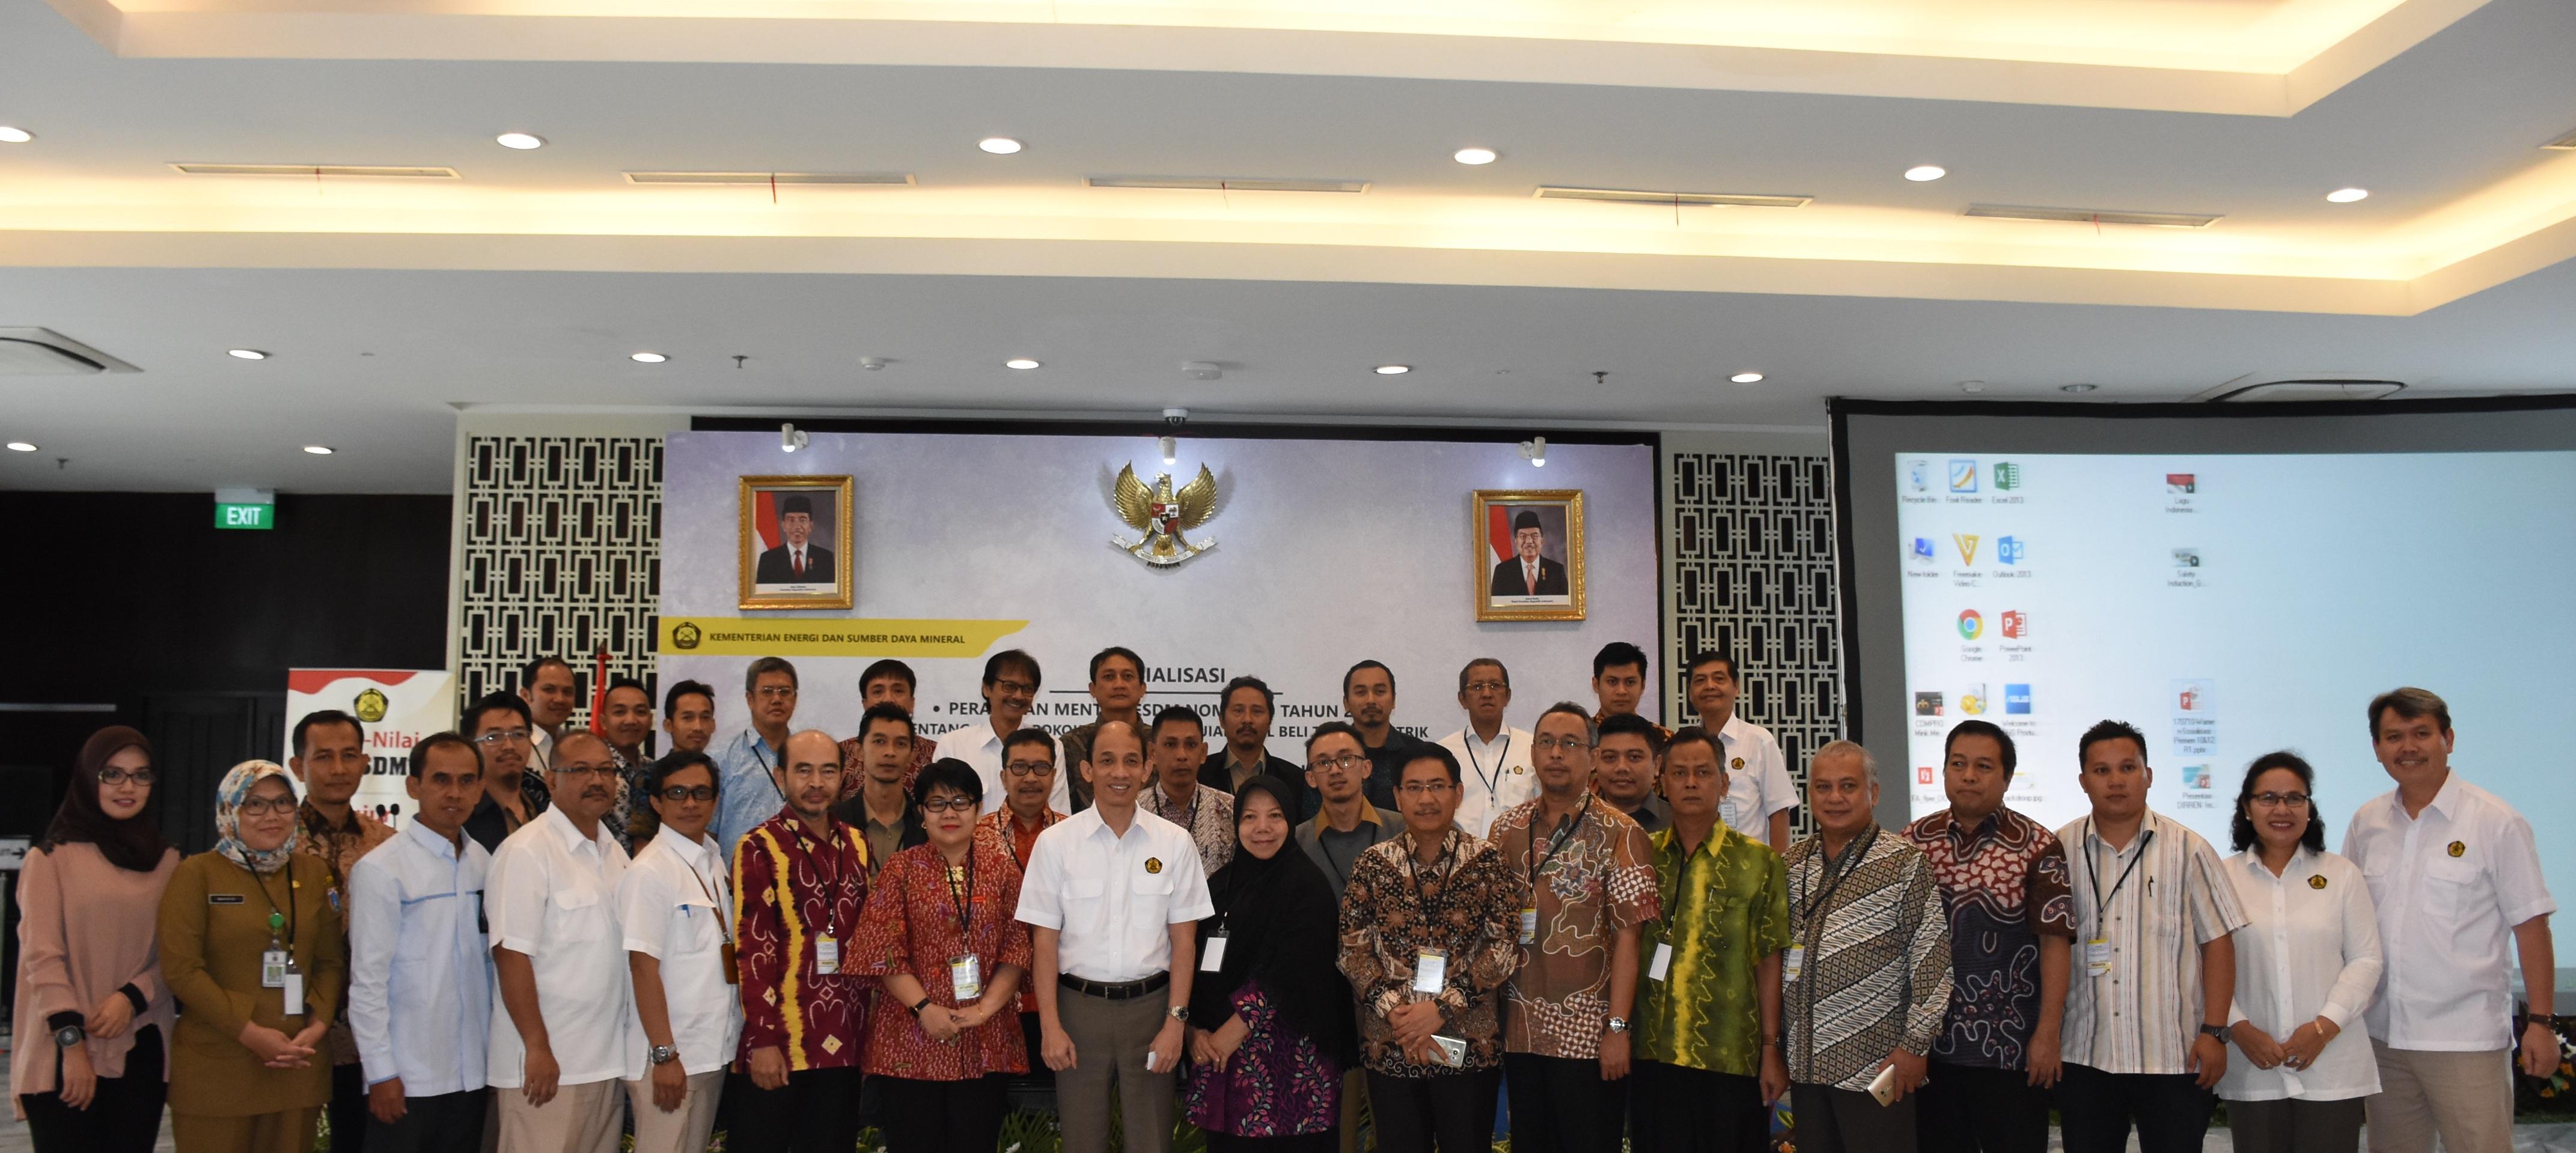 Foto Bersama Bpk Wamen ESDM, Dirjen EBTKE, dan seluruh peserta Sosialisasi